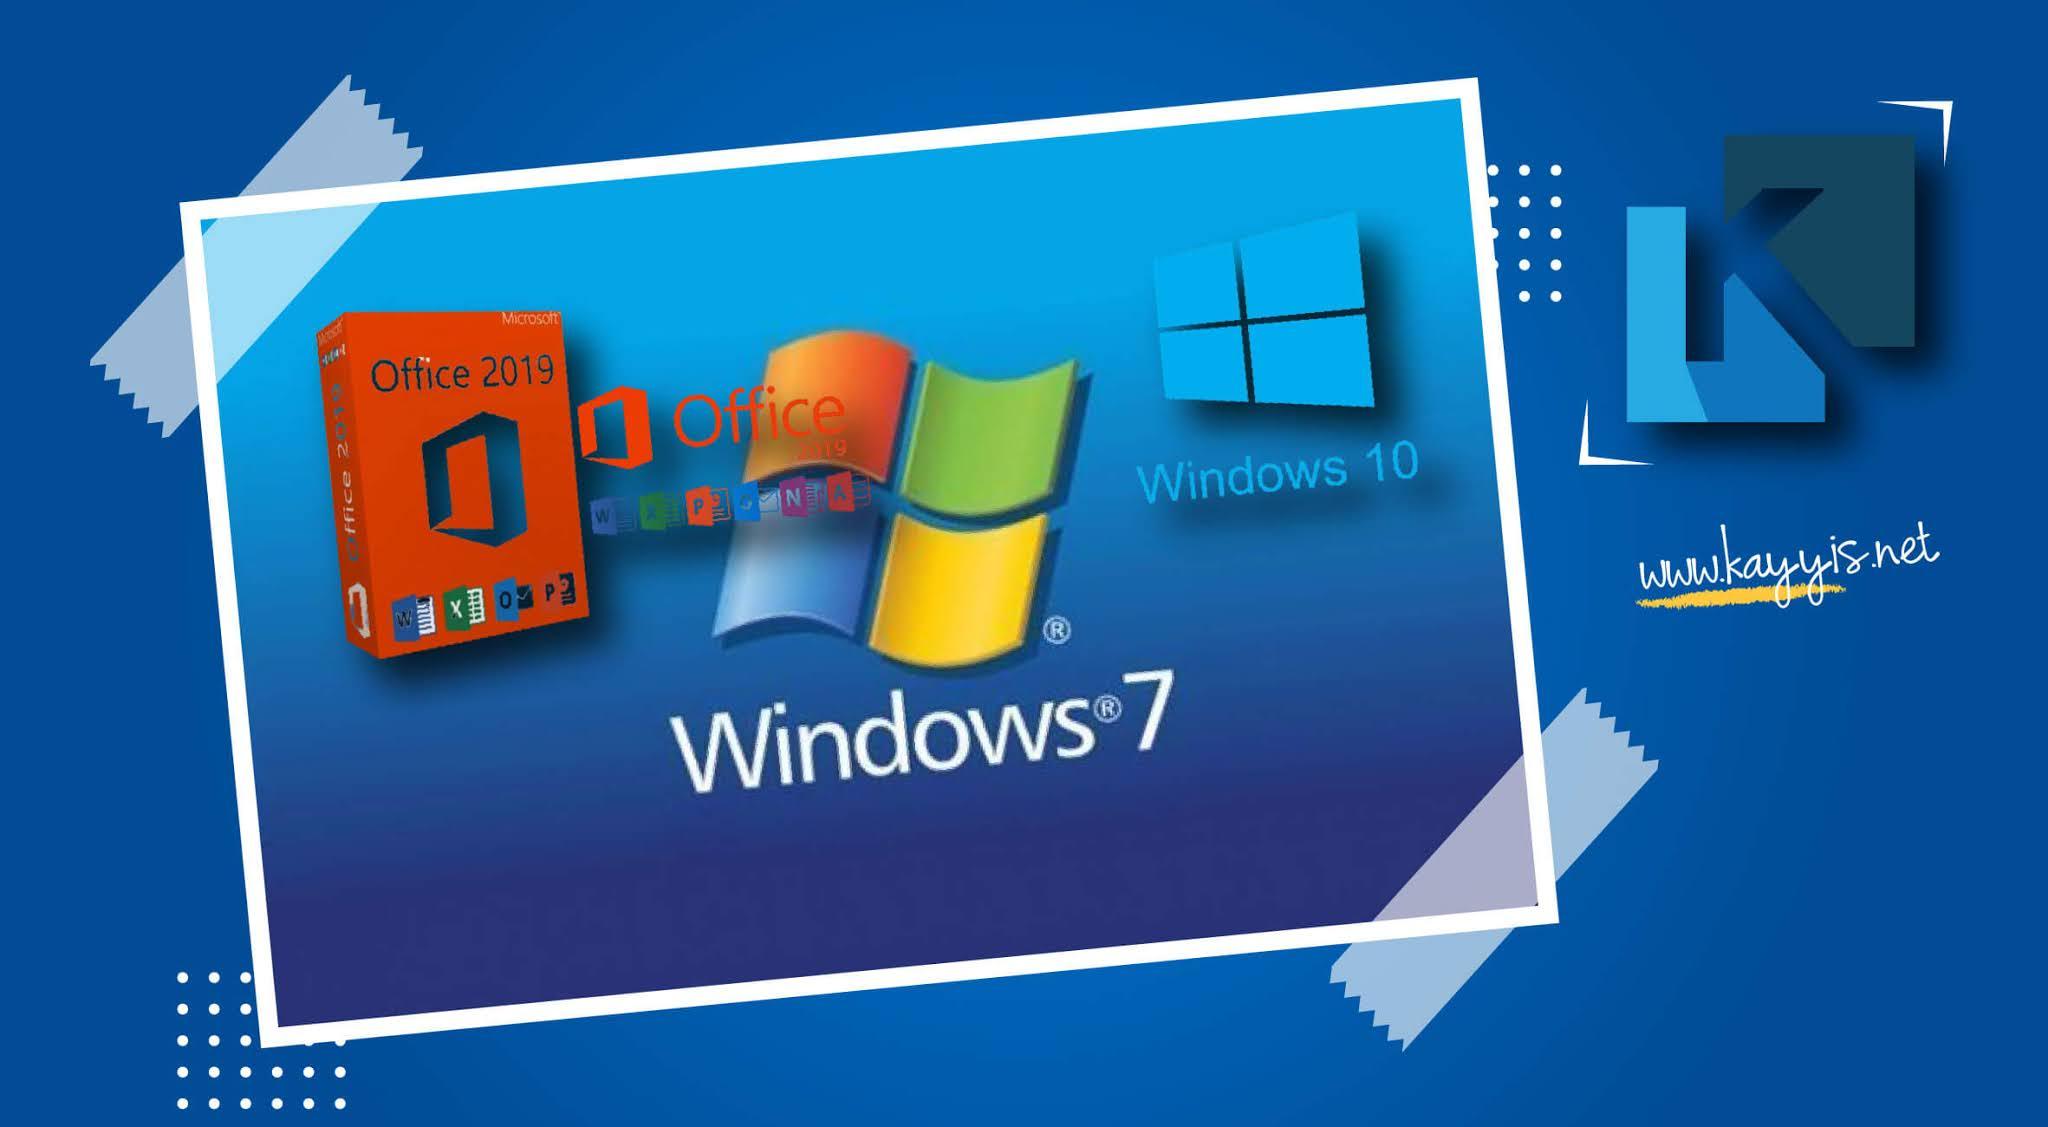 Download Windows 7 10 dan Office 2019 dari Situs Resmi Microsoft